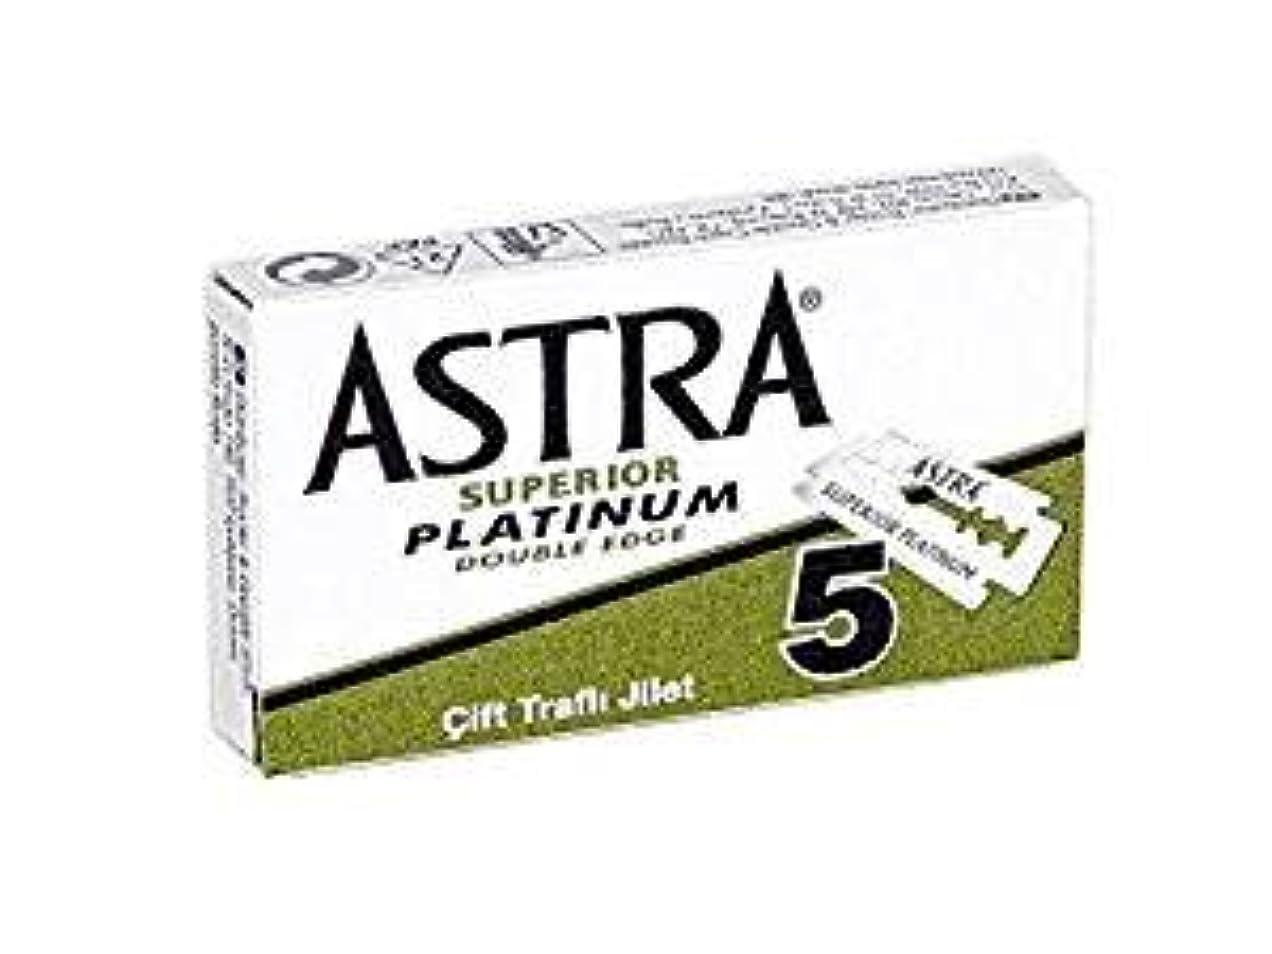 ギャラリータイル名義でAstra Superior Platinum (アストラ 優れたプラチナ) 両刃替刃 25個入り (5 x 5) [並行輸入品]